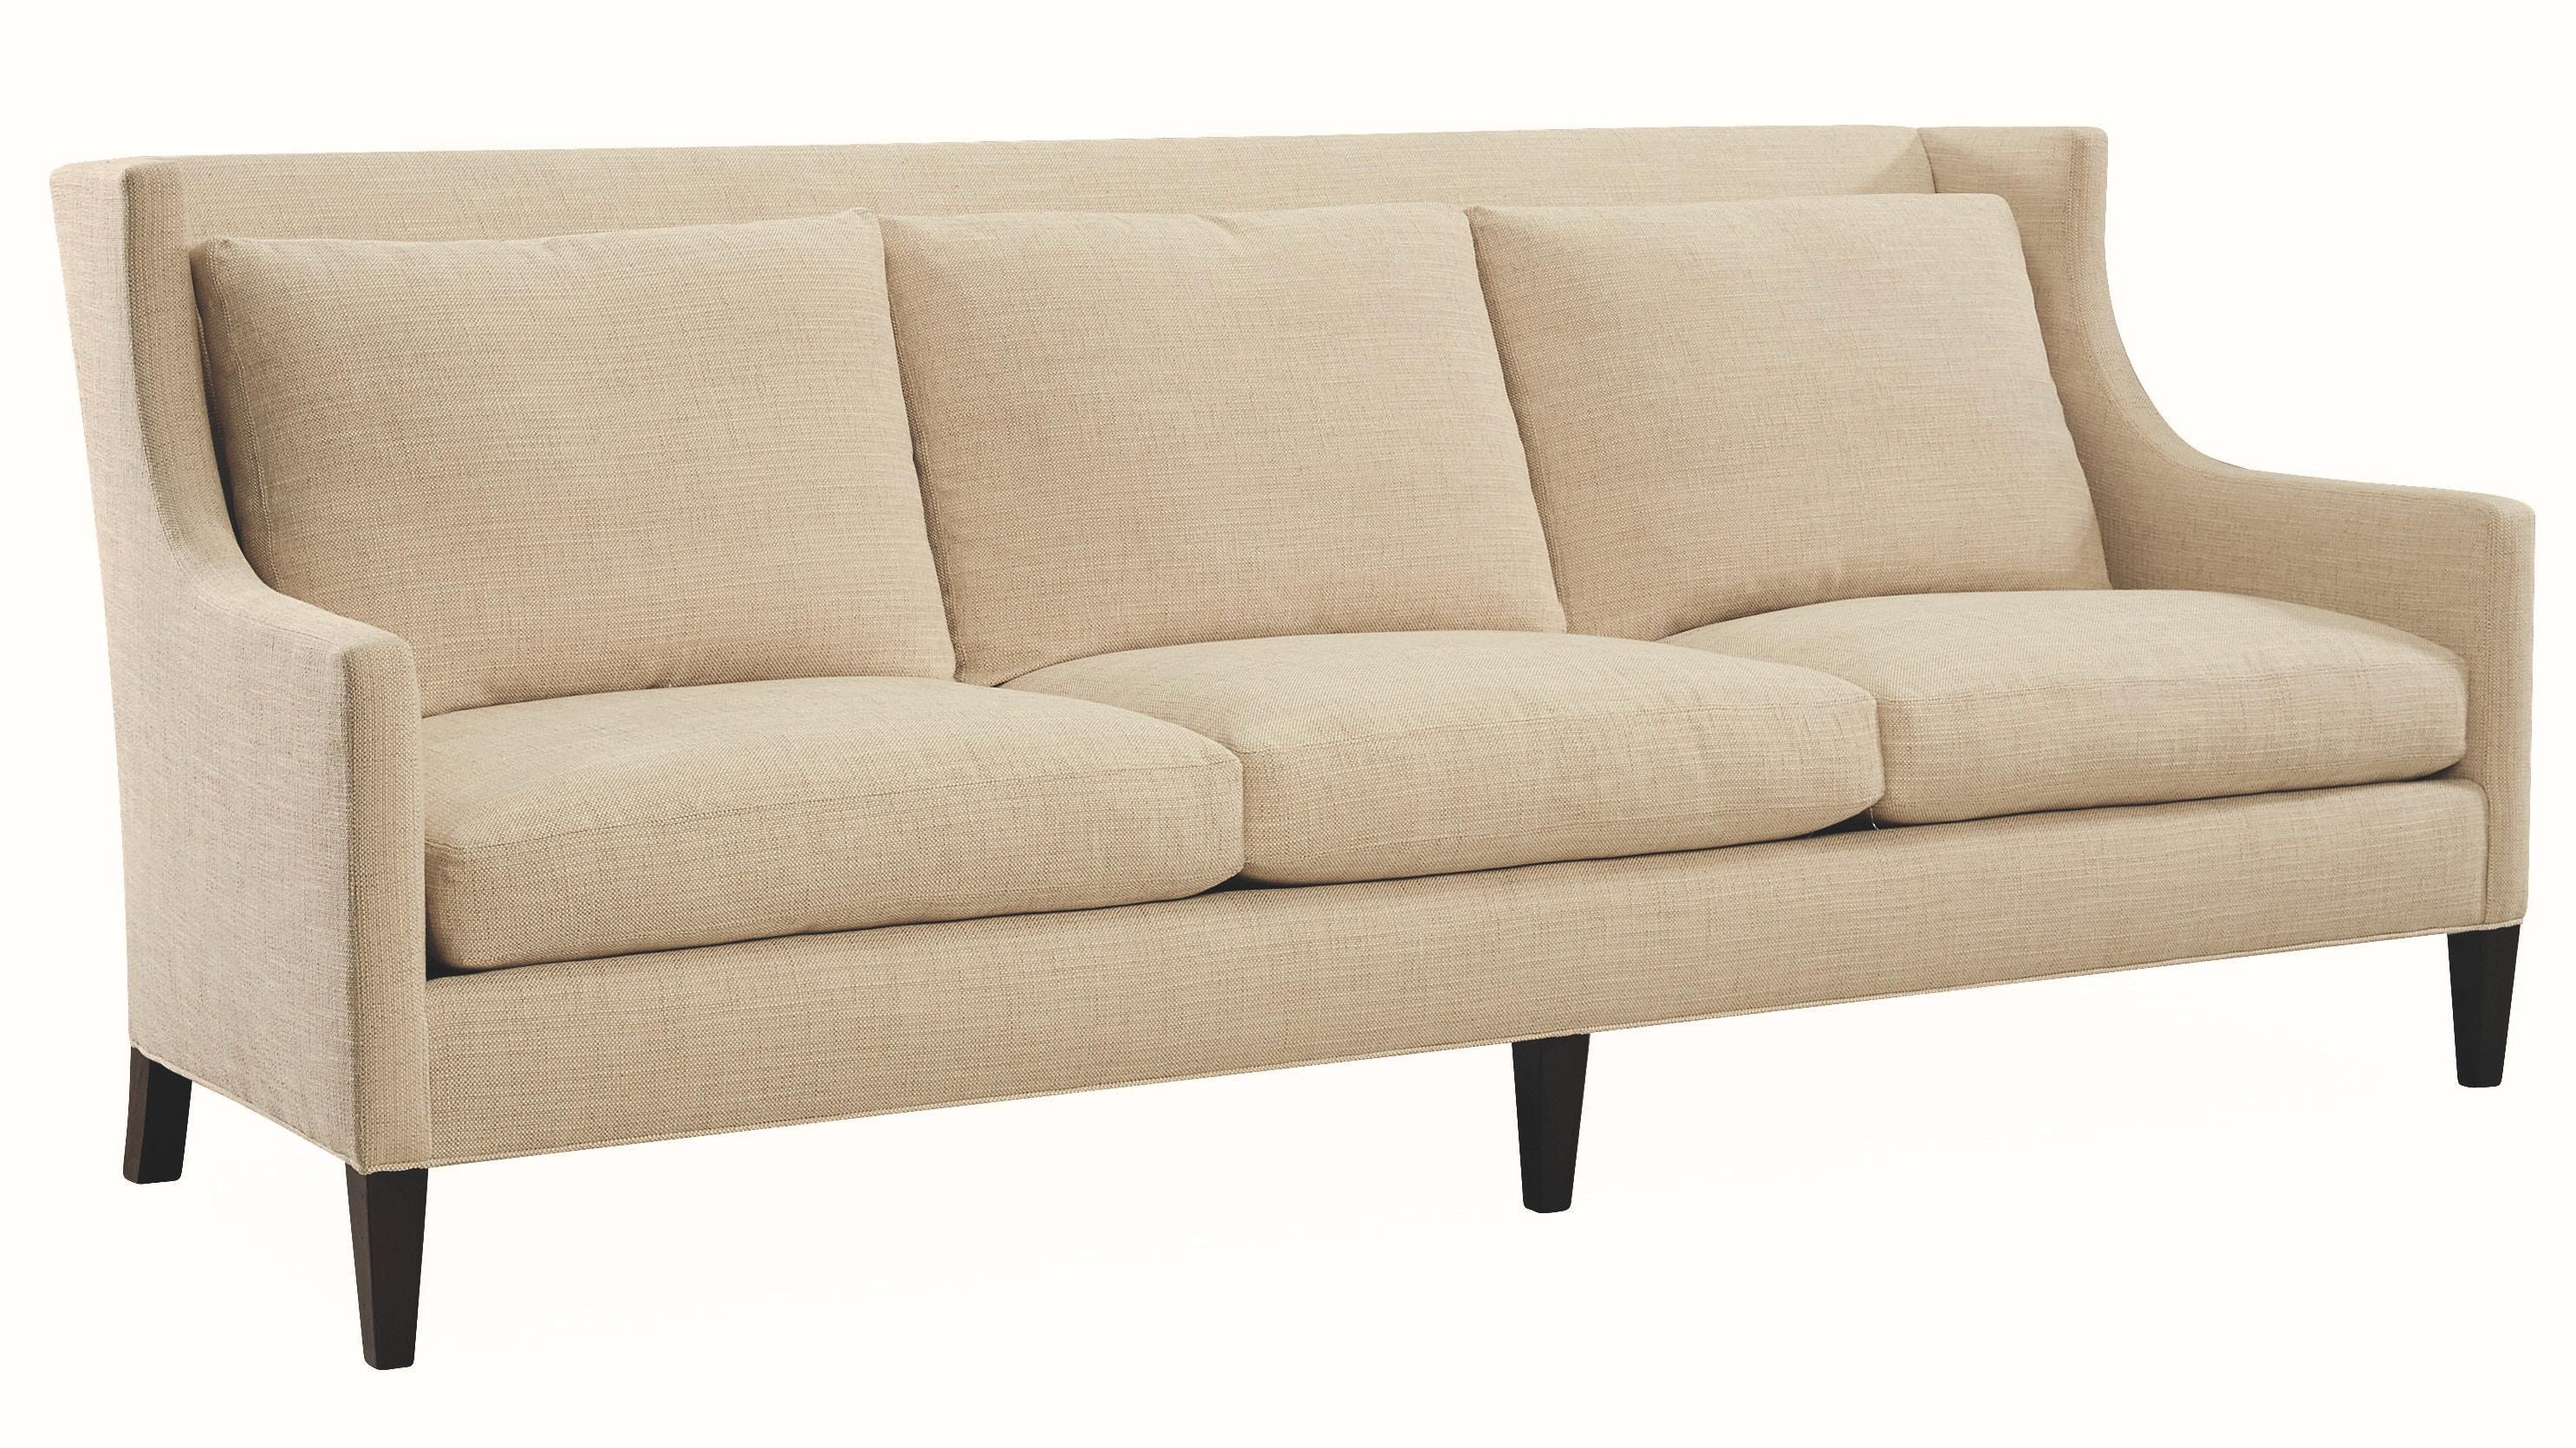 lee industries sofa prices repair dubai living room 1293 03 toms price